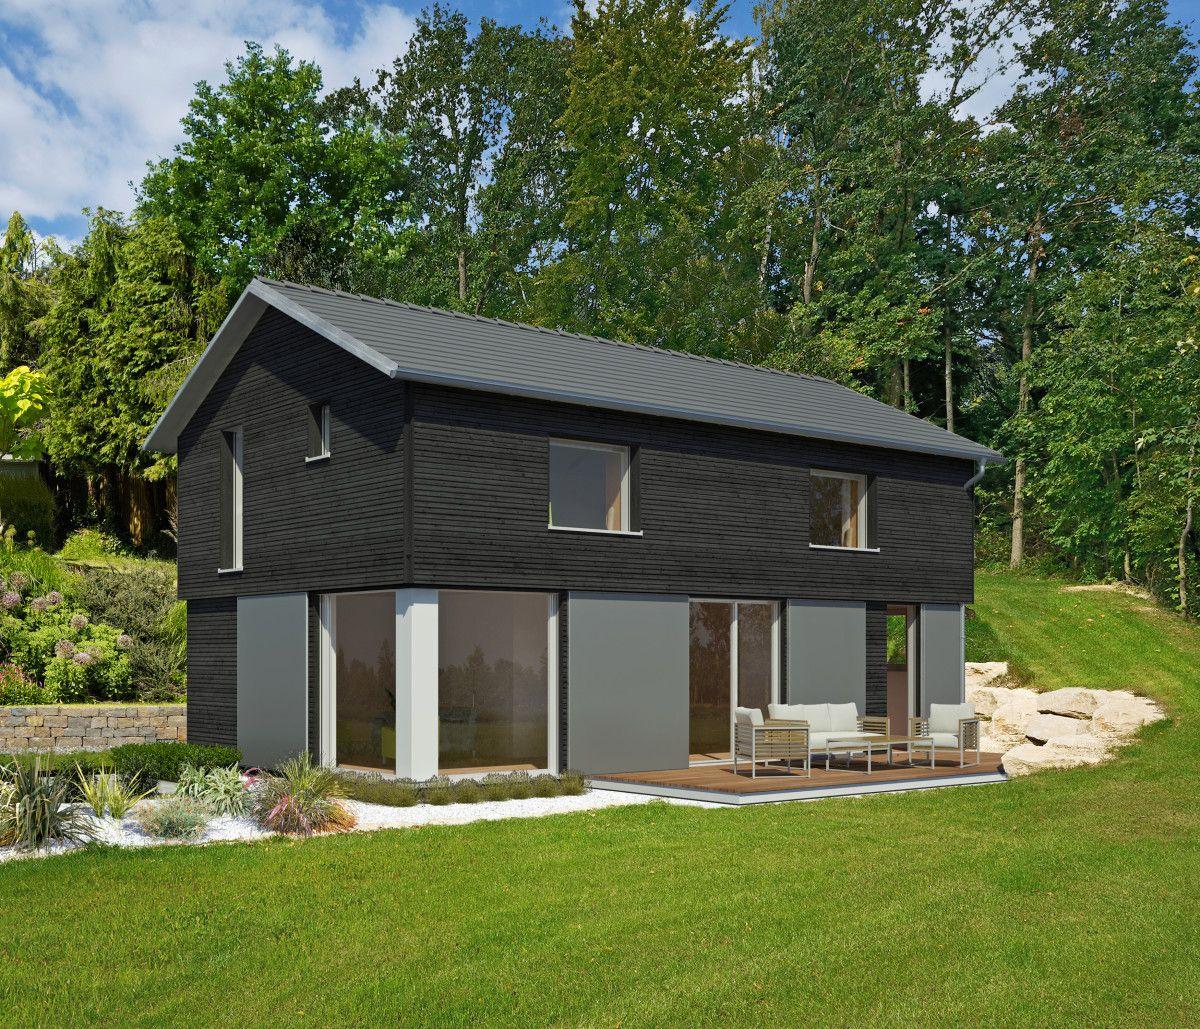 """Moderne HolzhausArchitektur """"Mein Ideenhaus"""" von Baufritz"""